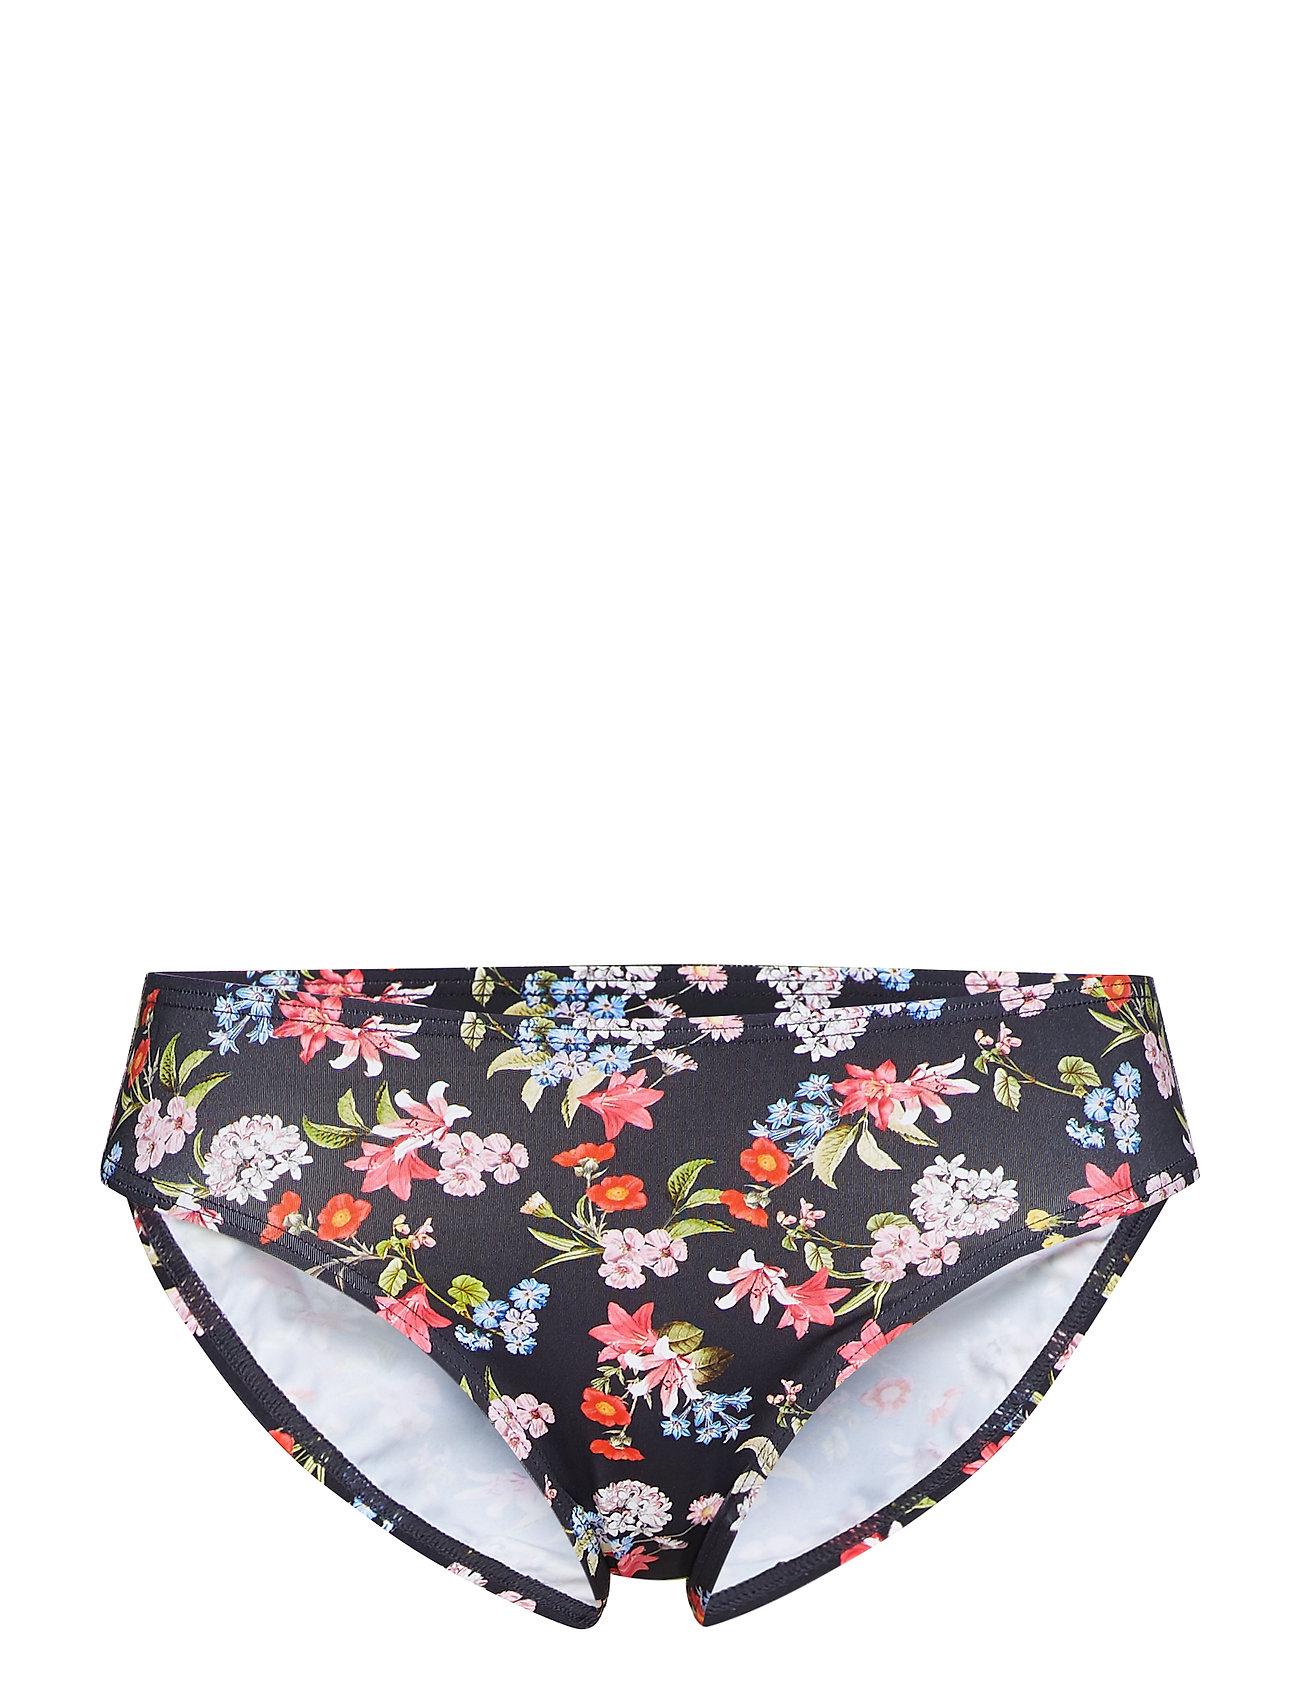 Esprit Bodywear Women Beach Bottoms - DARK GREY